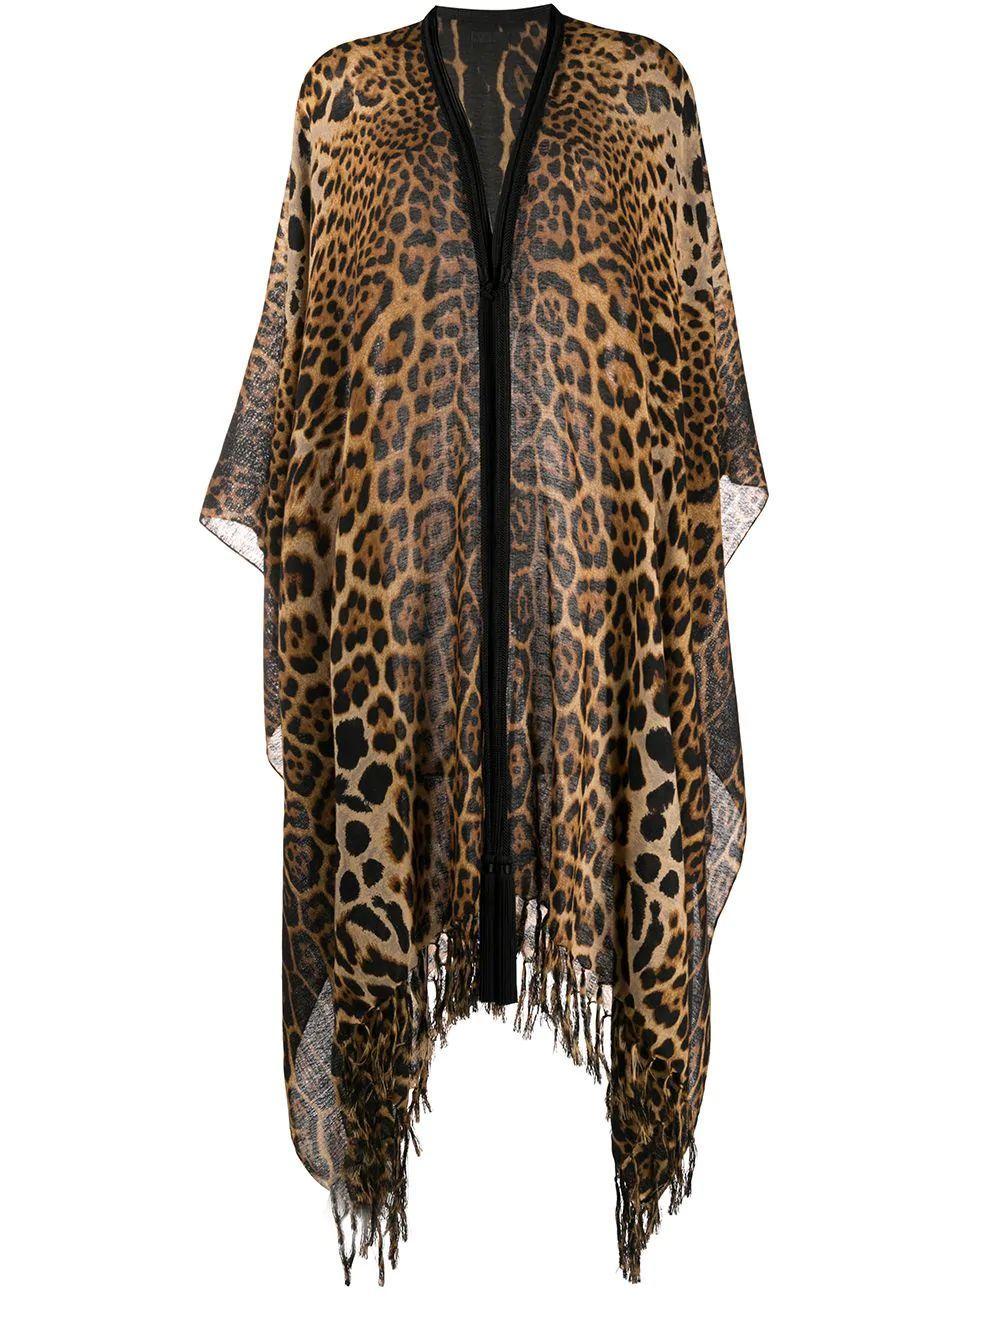 Leopard Print Wool Poncho Item # 6105563Y200